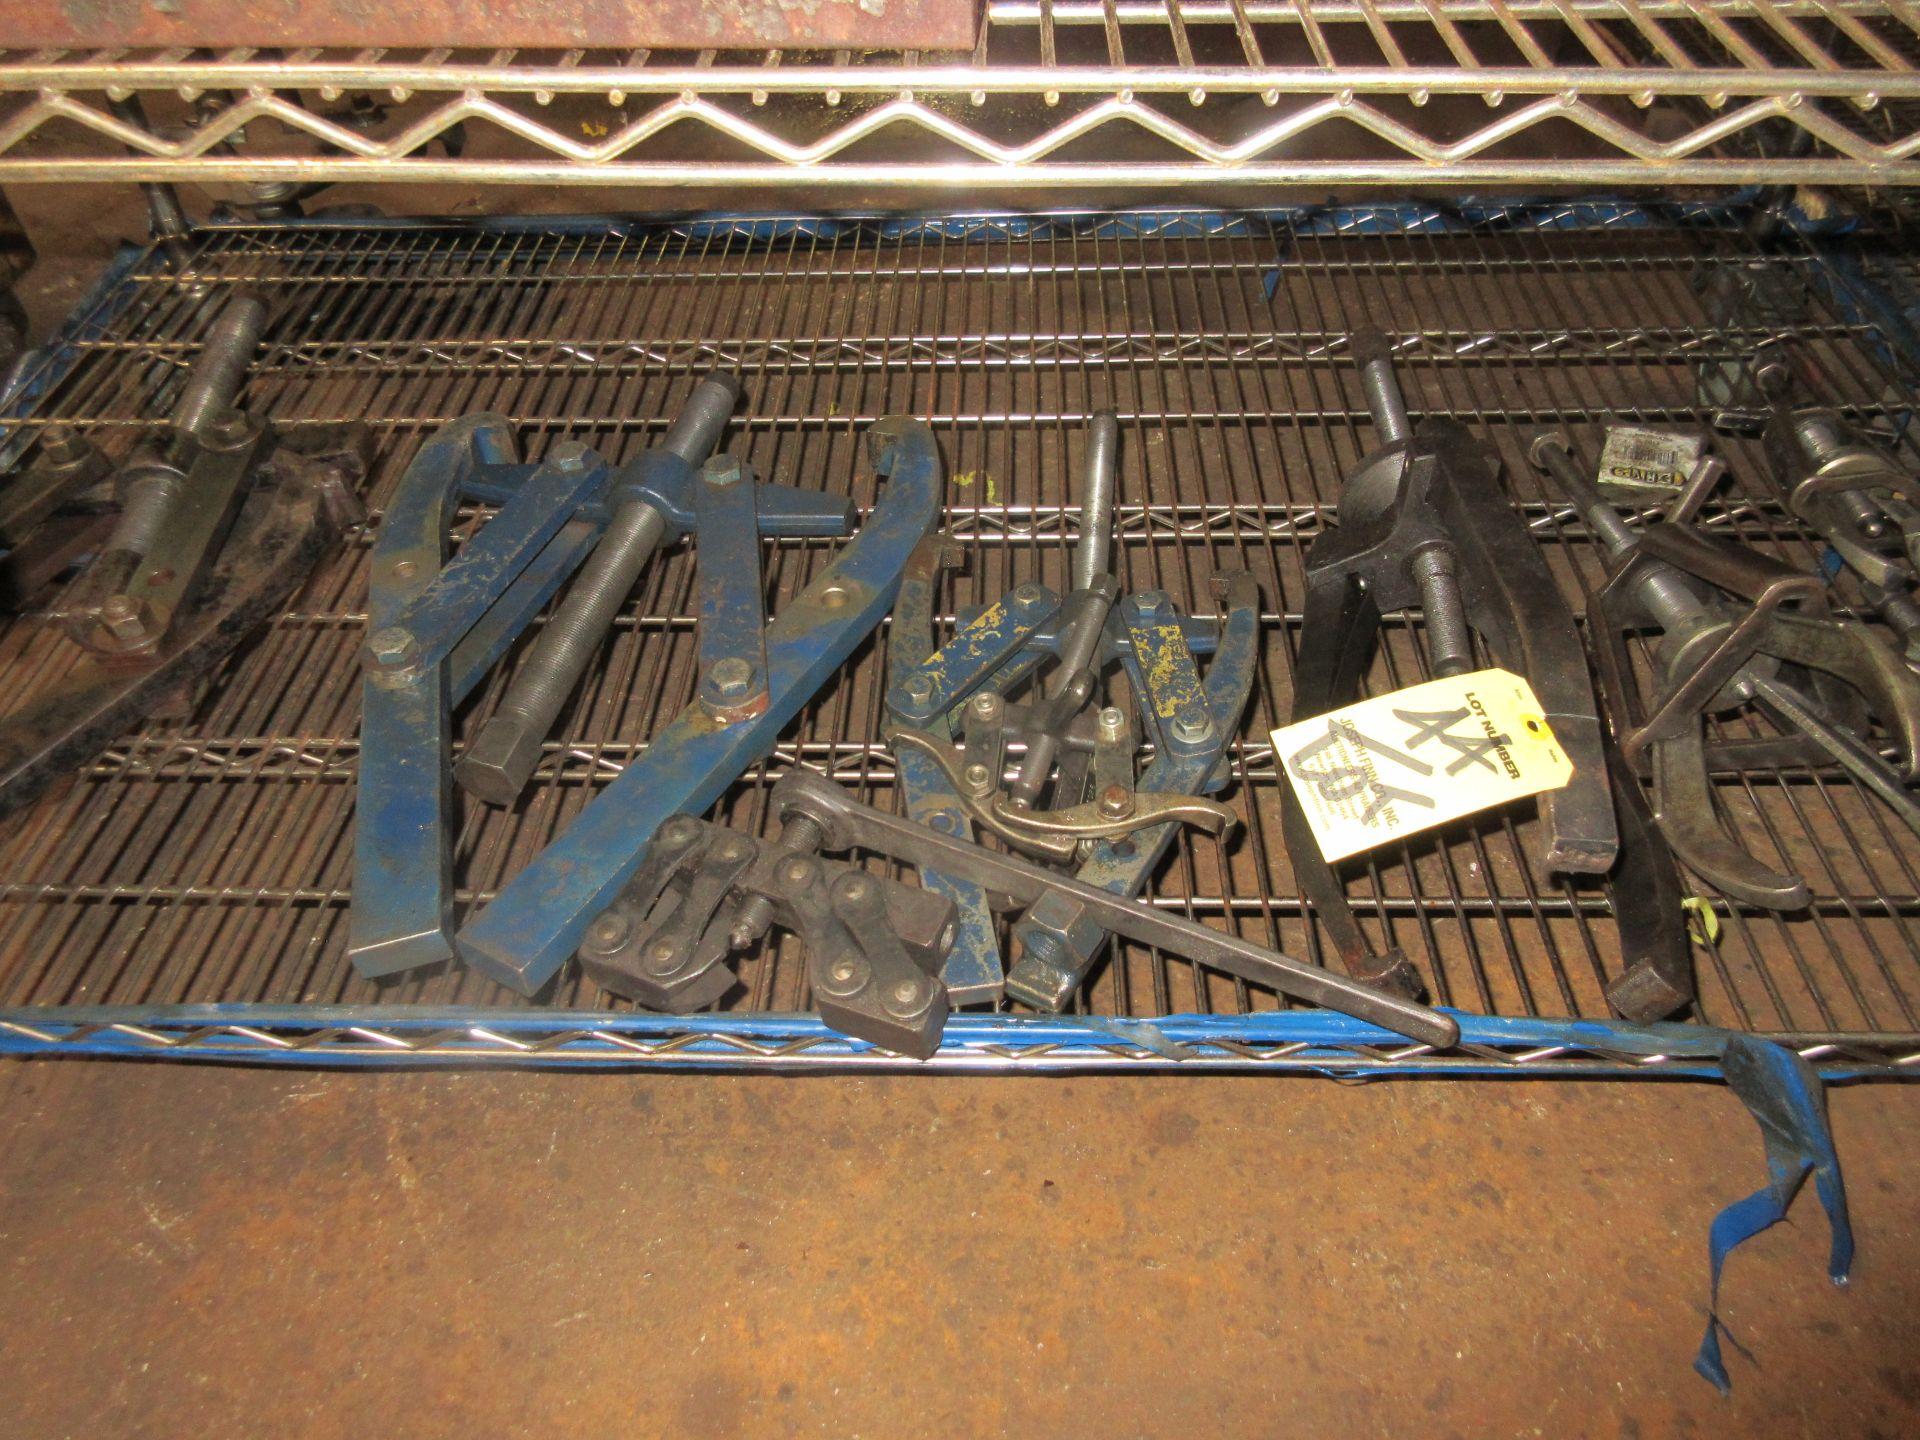 (1) Asst. Gear Pullers on Shelf